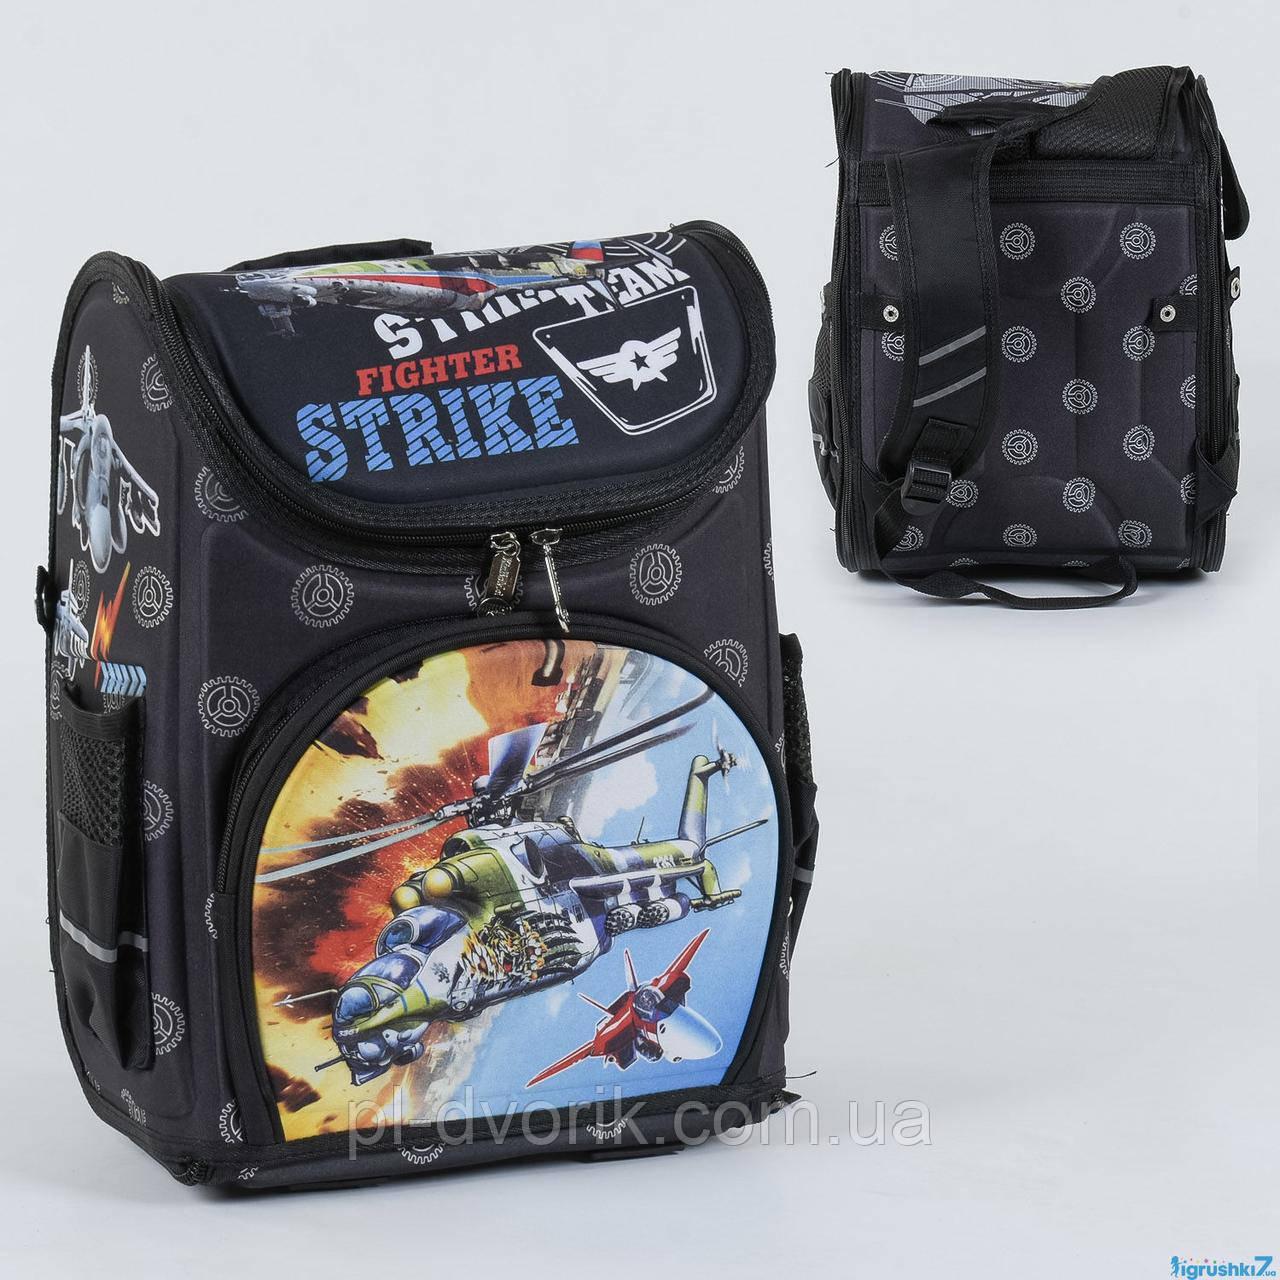 Рюкзак школьный каркасный   2 отделения, 2 отделения внутри, спинка ортопедическая